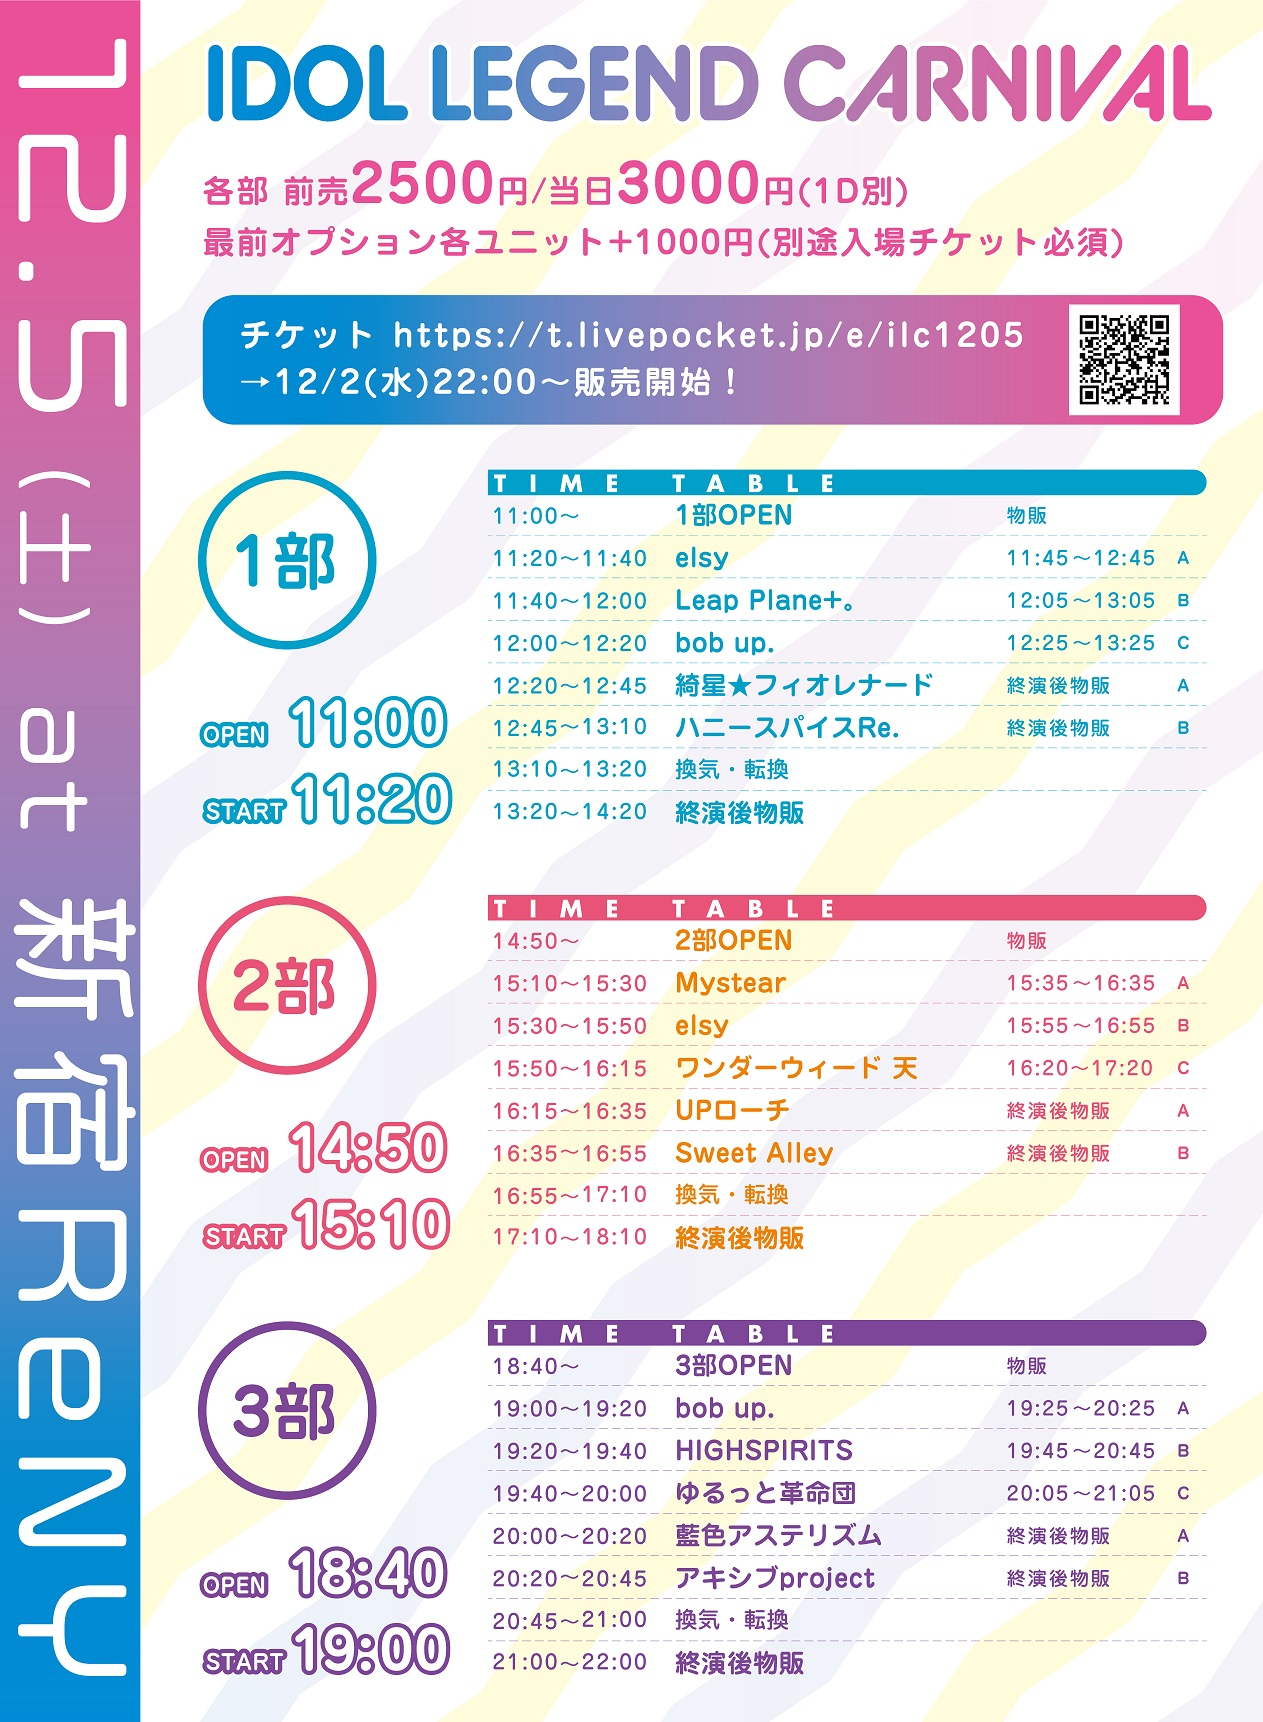 2020/12/5(土) 『IDOL LEGEND CARNIVAL』@新宿ReNY